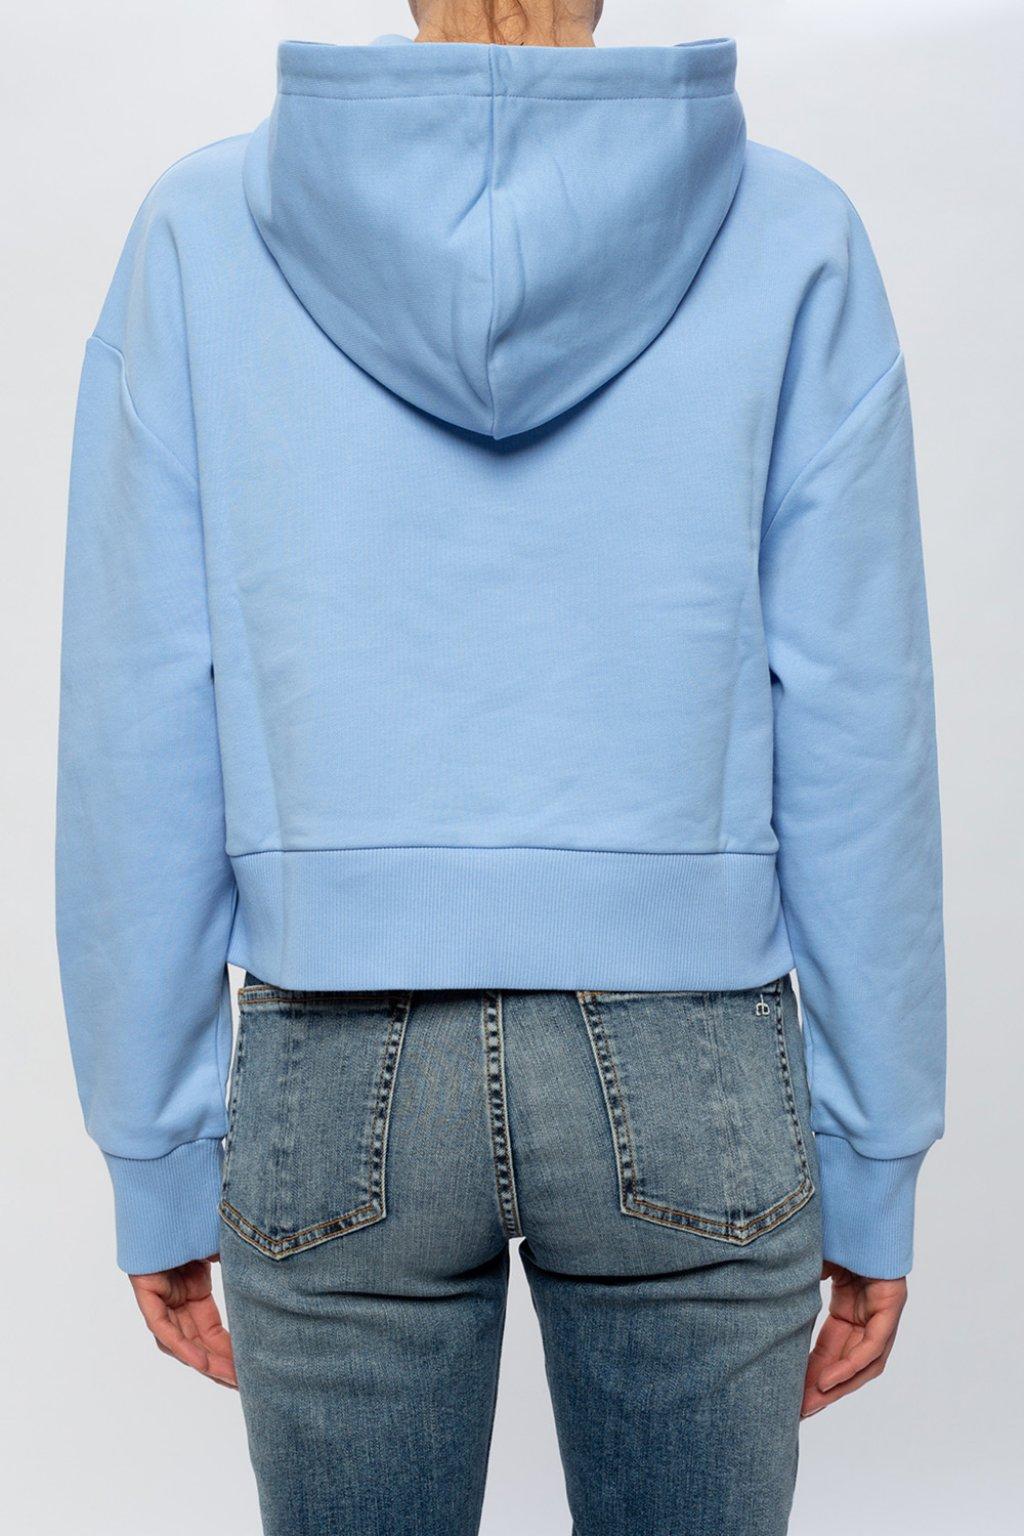 Balmain Bluza z kapturem